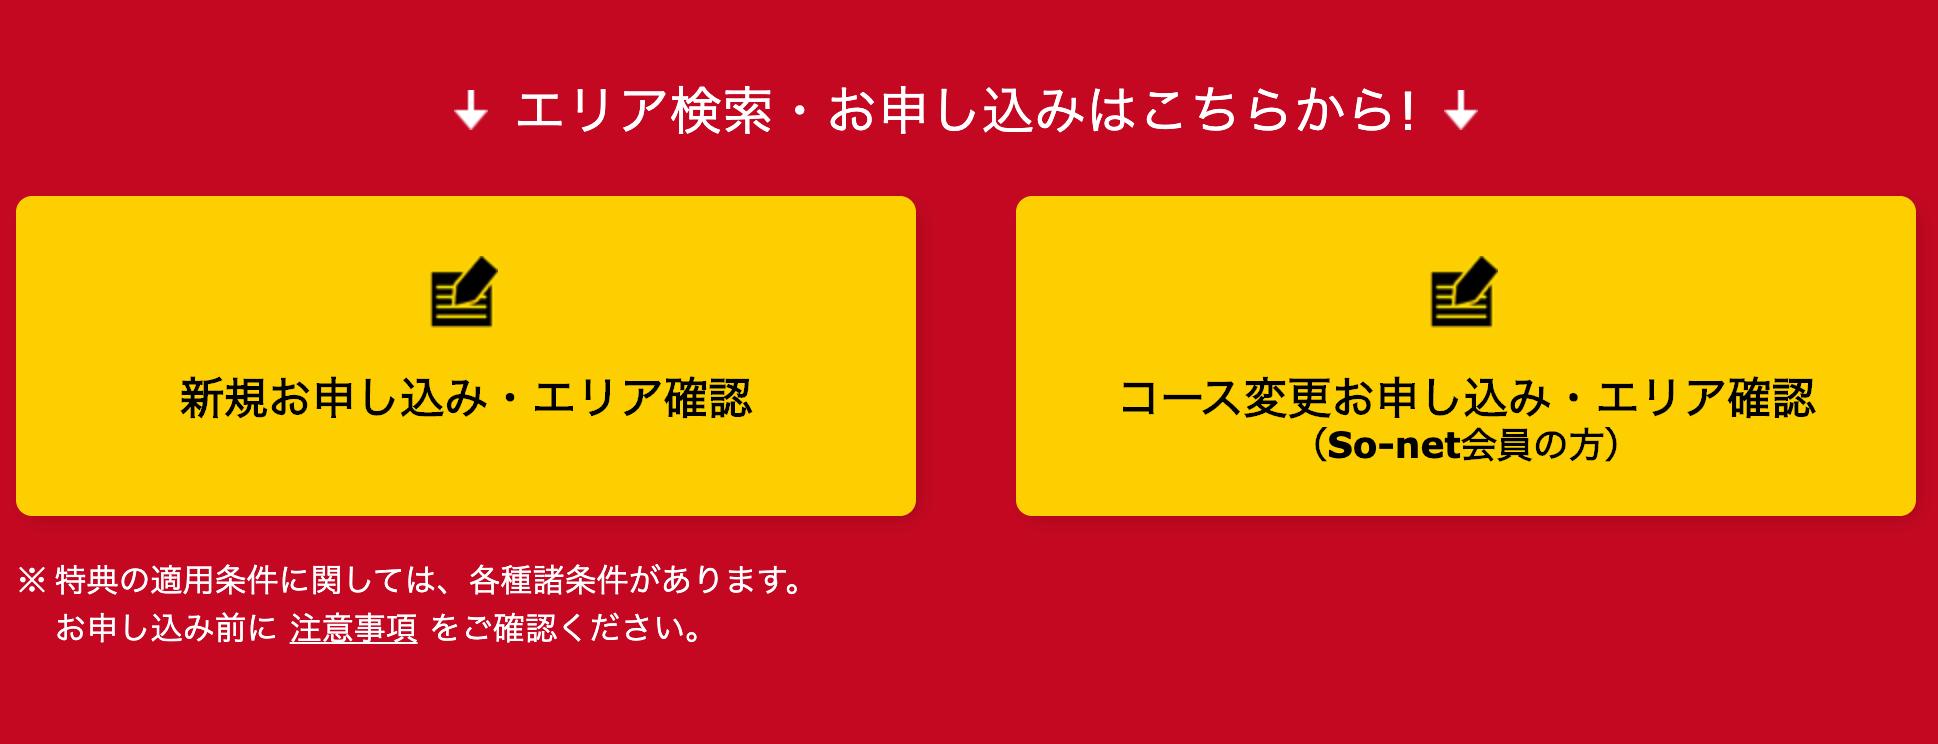 NURO光キャンペーンページ